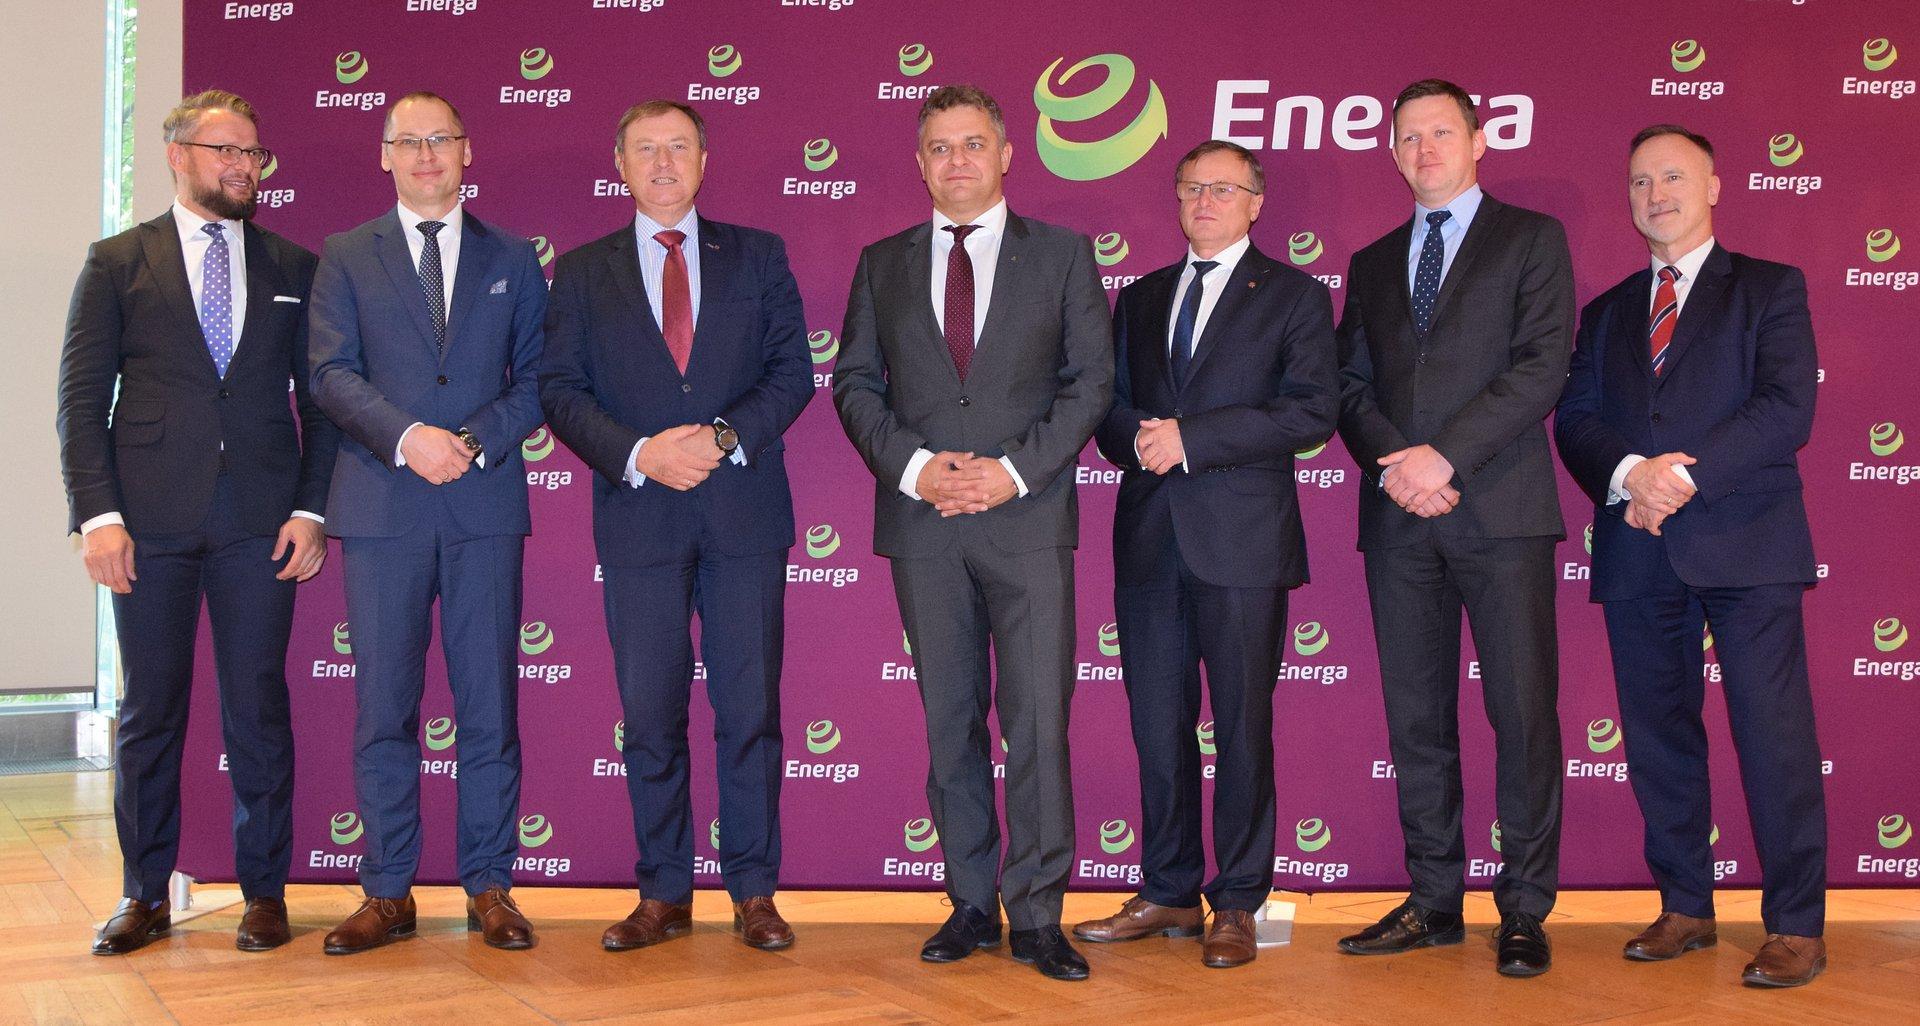 Pierwszy kredyt odpowiedzialny społecznie dla polskiej energetyki – na 2 mld zł